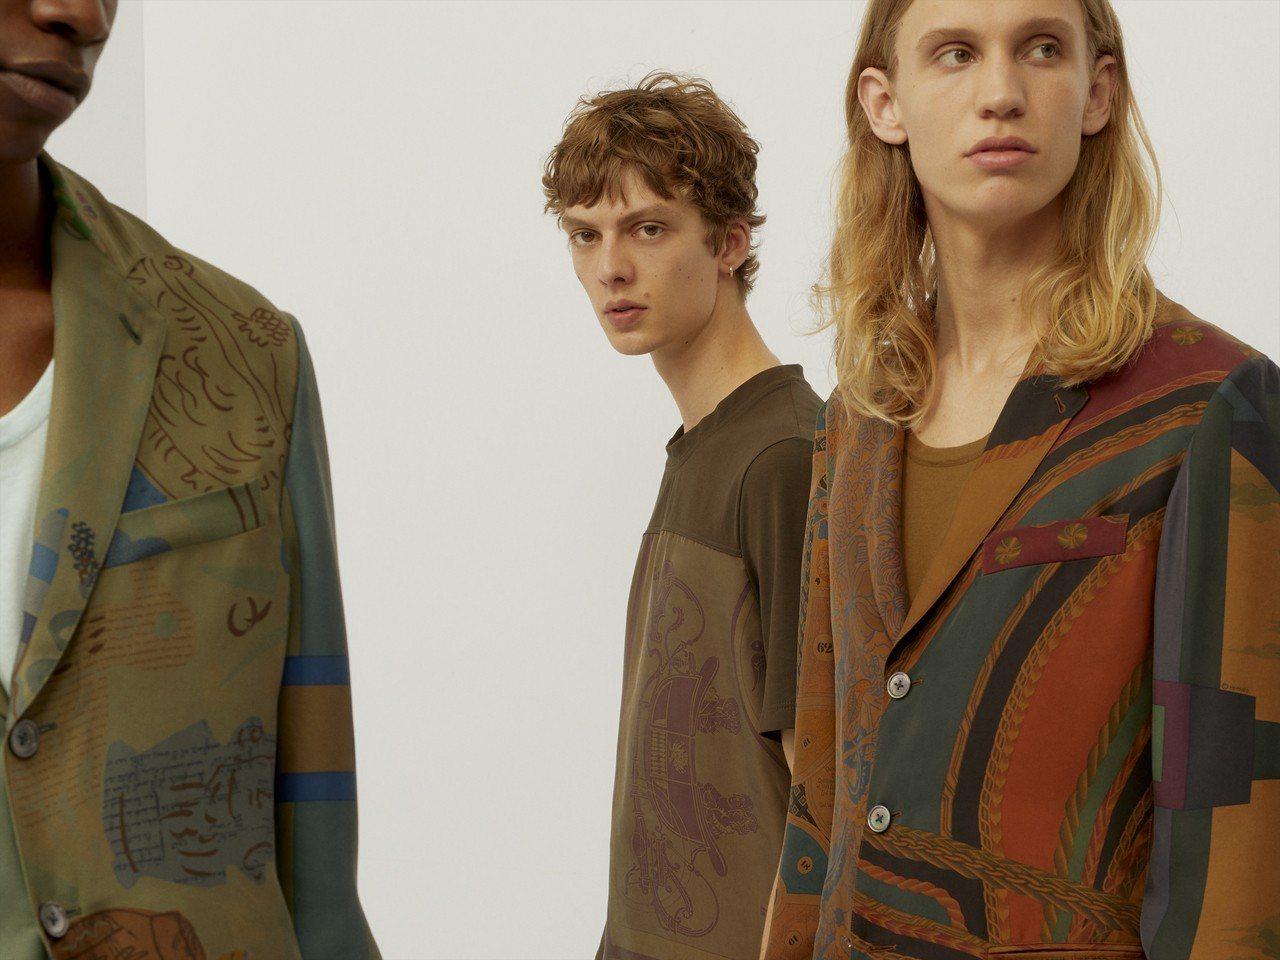 絲質三釦西裝外套展現了輕鬆寫意的夏日風情。圖/愛馬仕提供